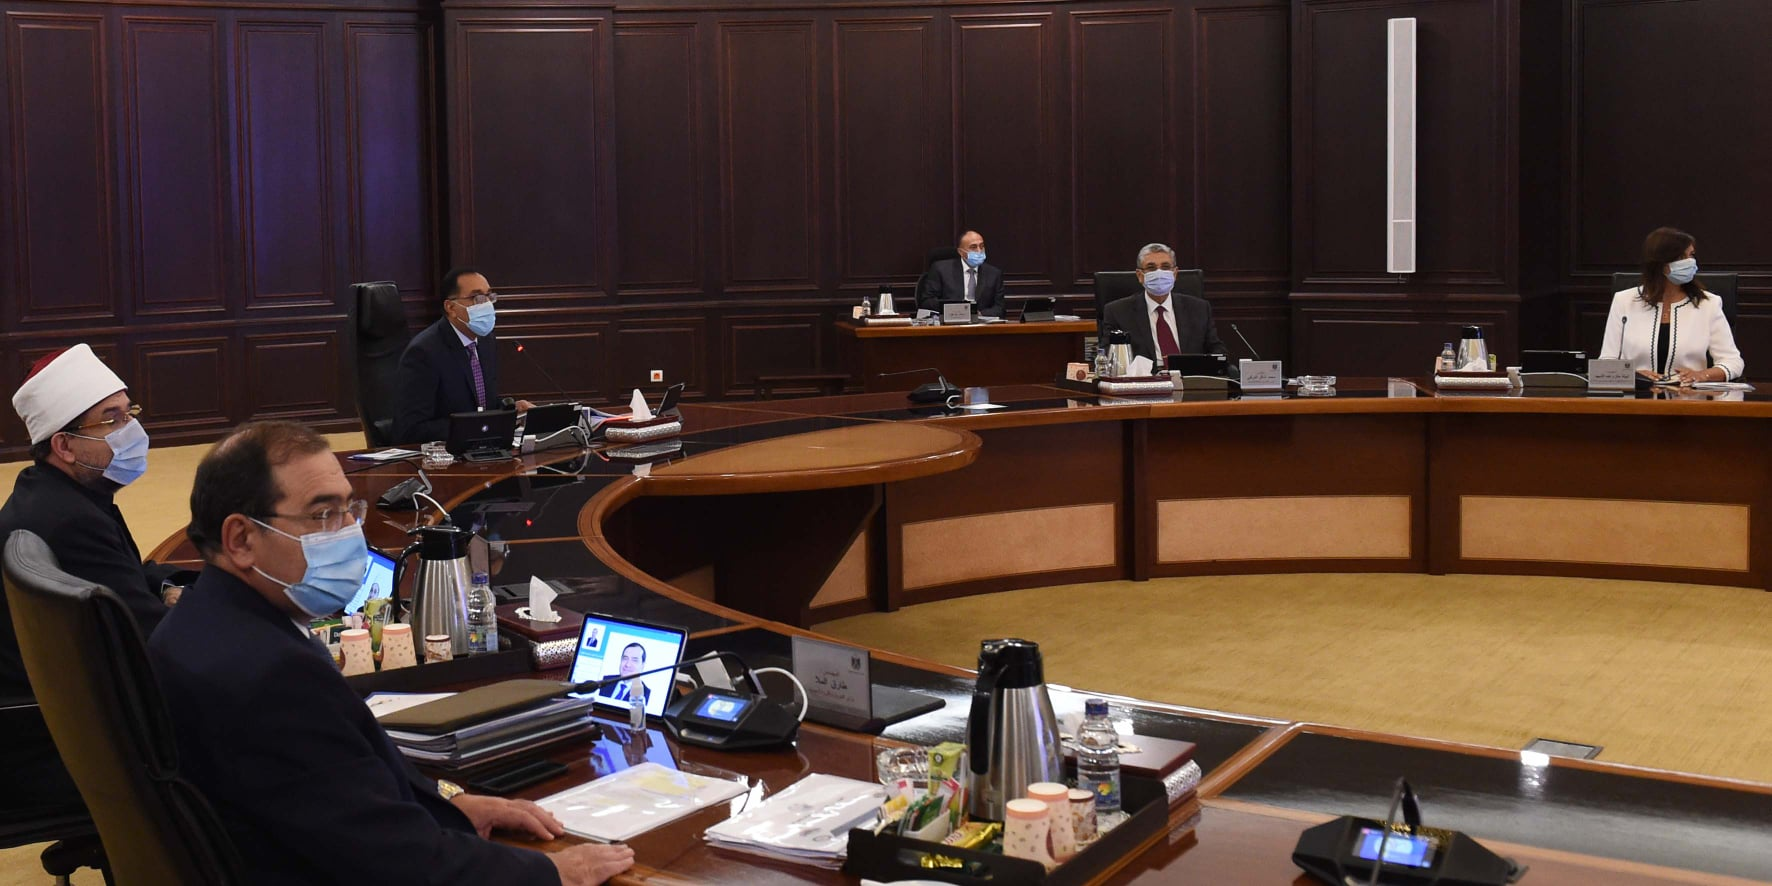 مجلس الوزراء بمدينة العلمين اليوم يوافق على 8 قرارات.. أبرزها إنشاء 3 جامعات خاصة